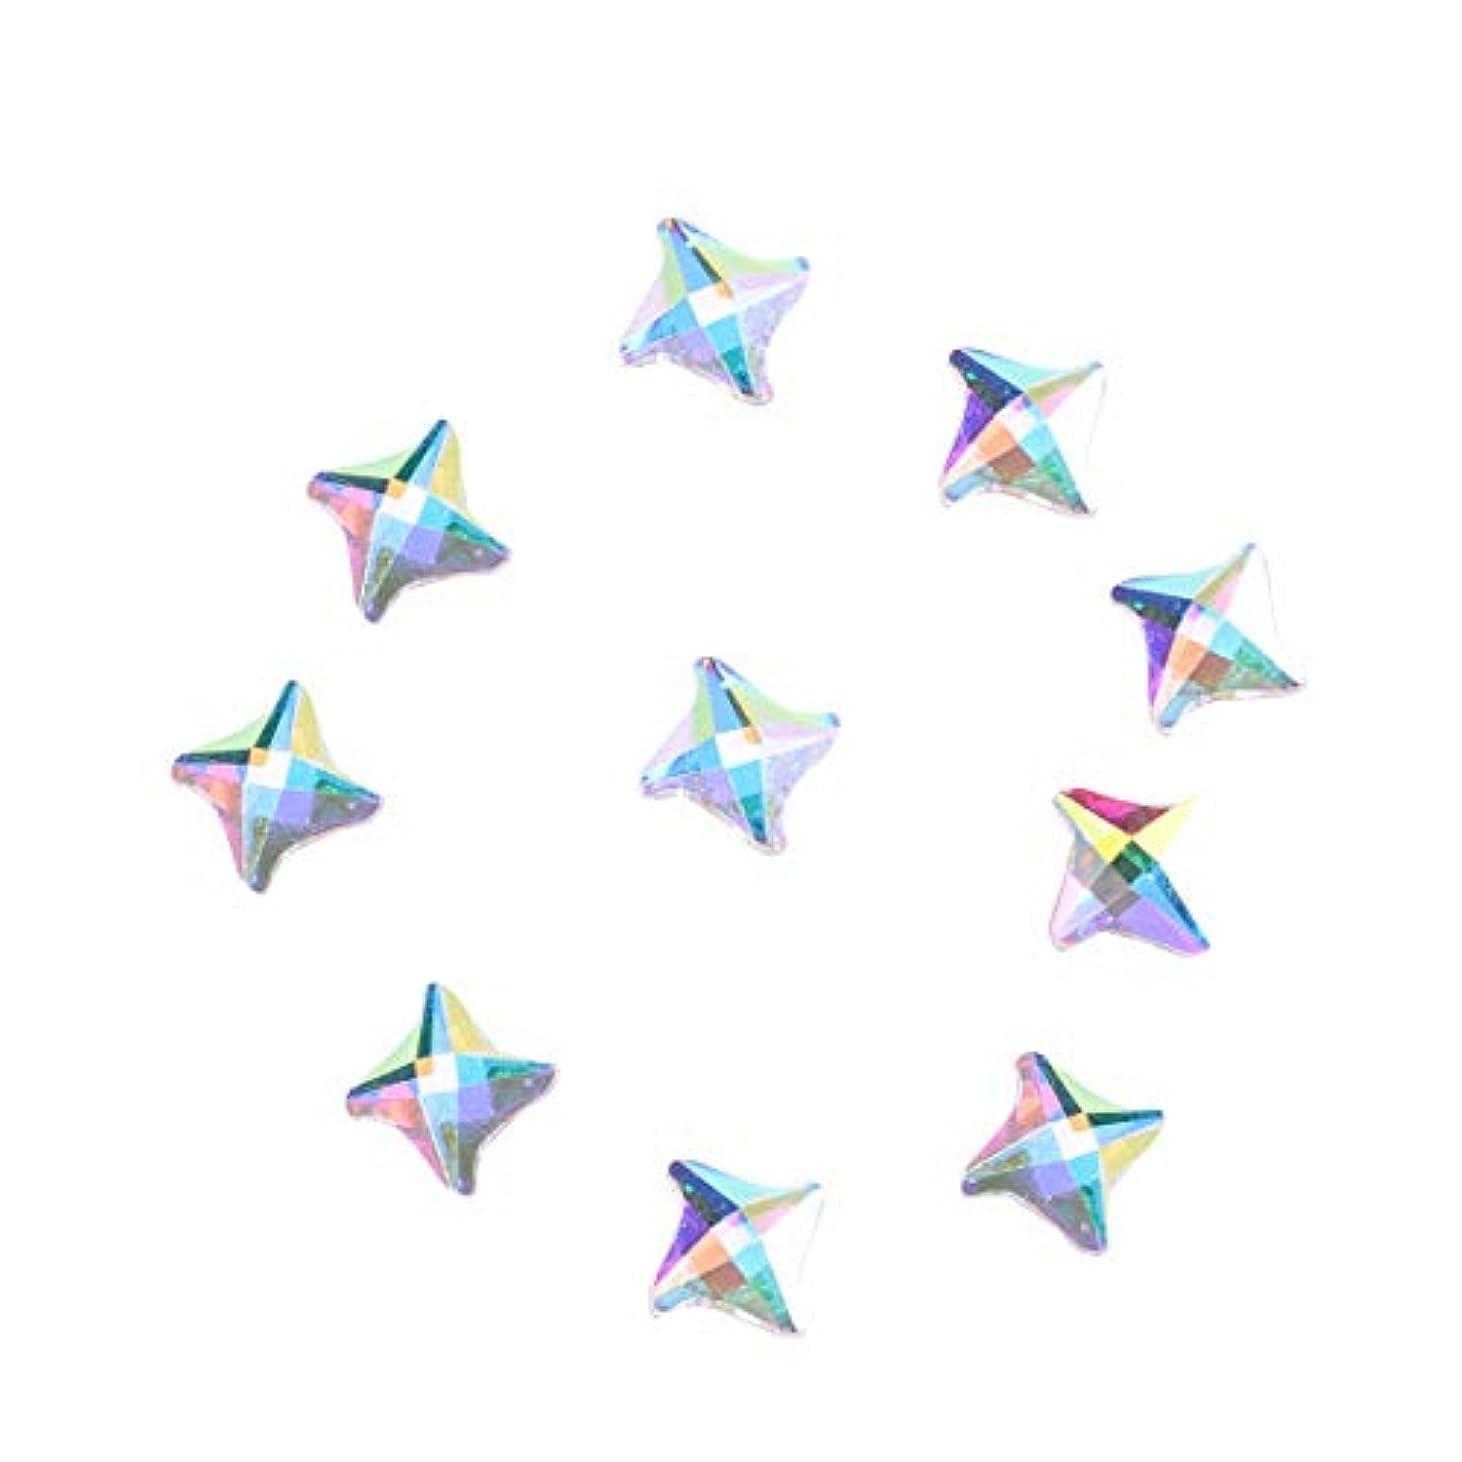 調停するしがみつくライトニングFrcolor ラインストーン ネイルシール ネイルアートダイヤモンド ネイルアートシールセット ネイルケアセット ネイル用品 10本(6x6mm、ダーツ)